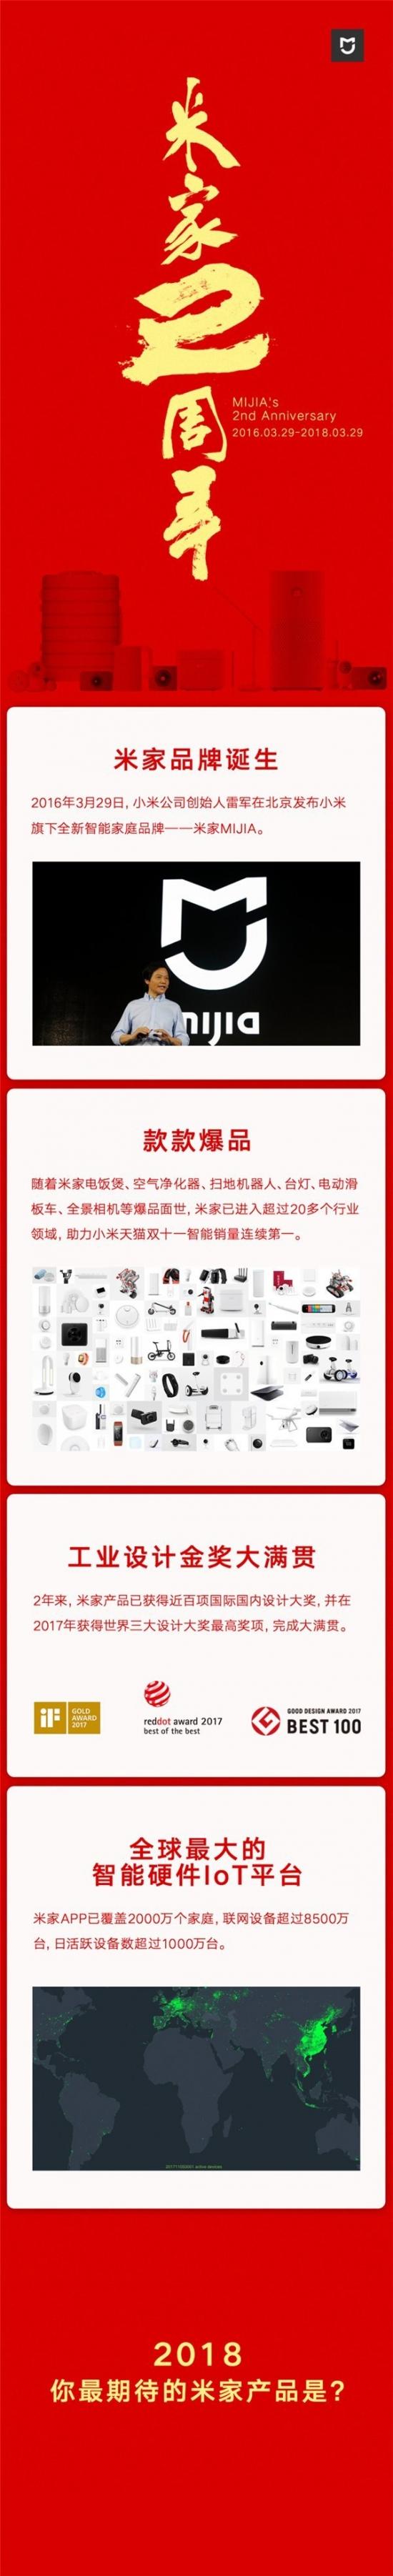 小米米家成立两周年:联网设备超8500万台